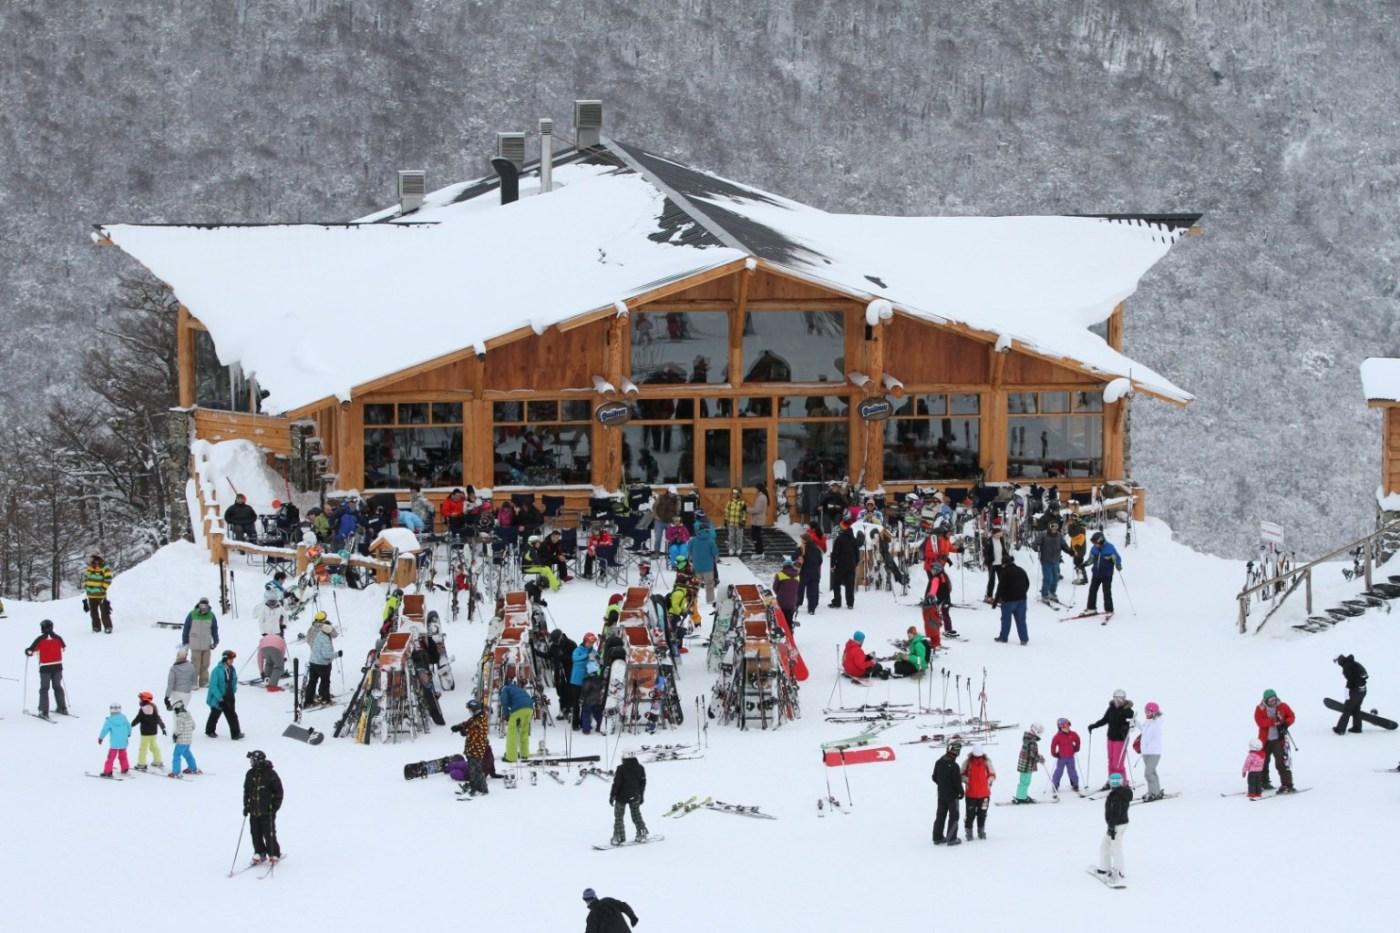 Centro de esquí en Ushuaia